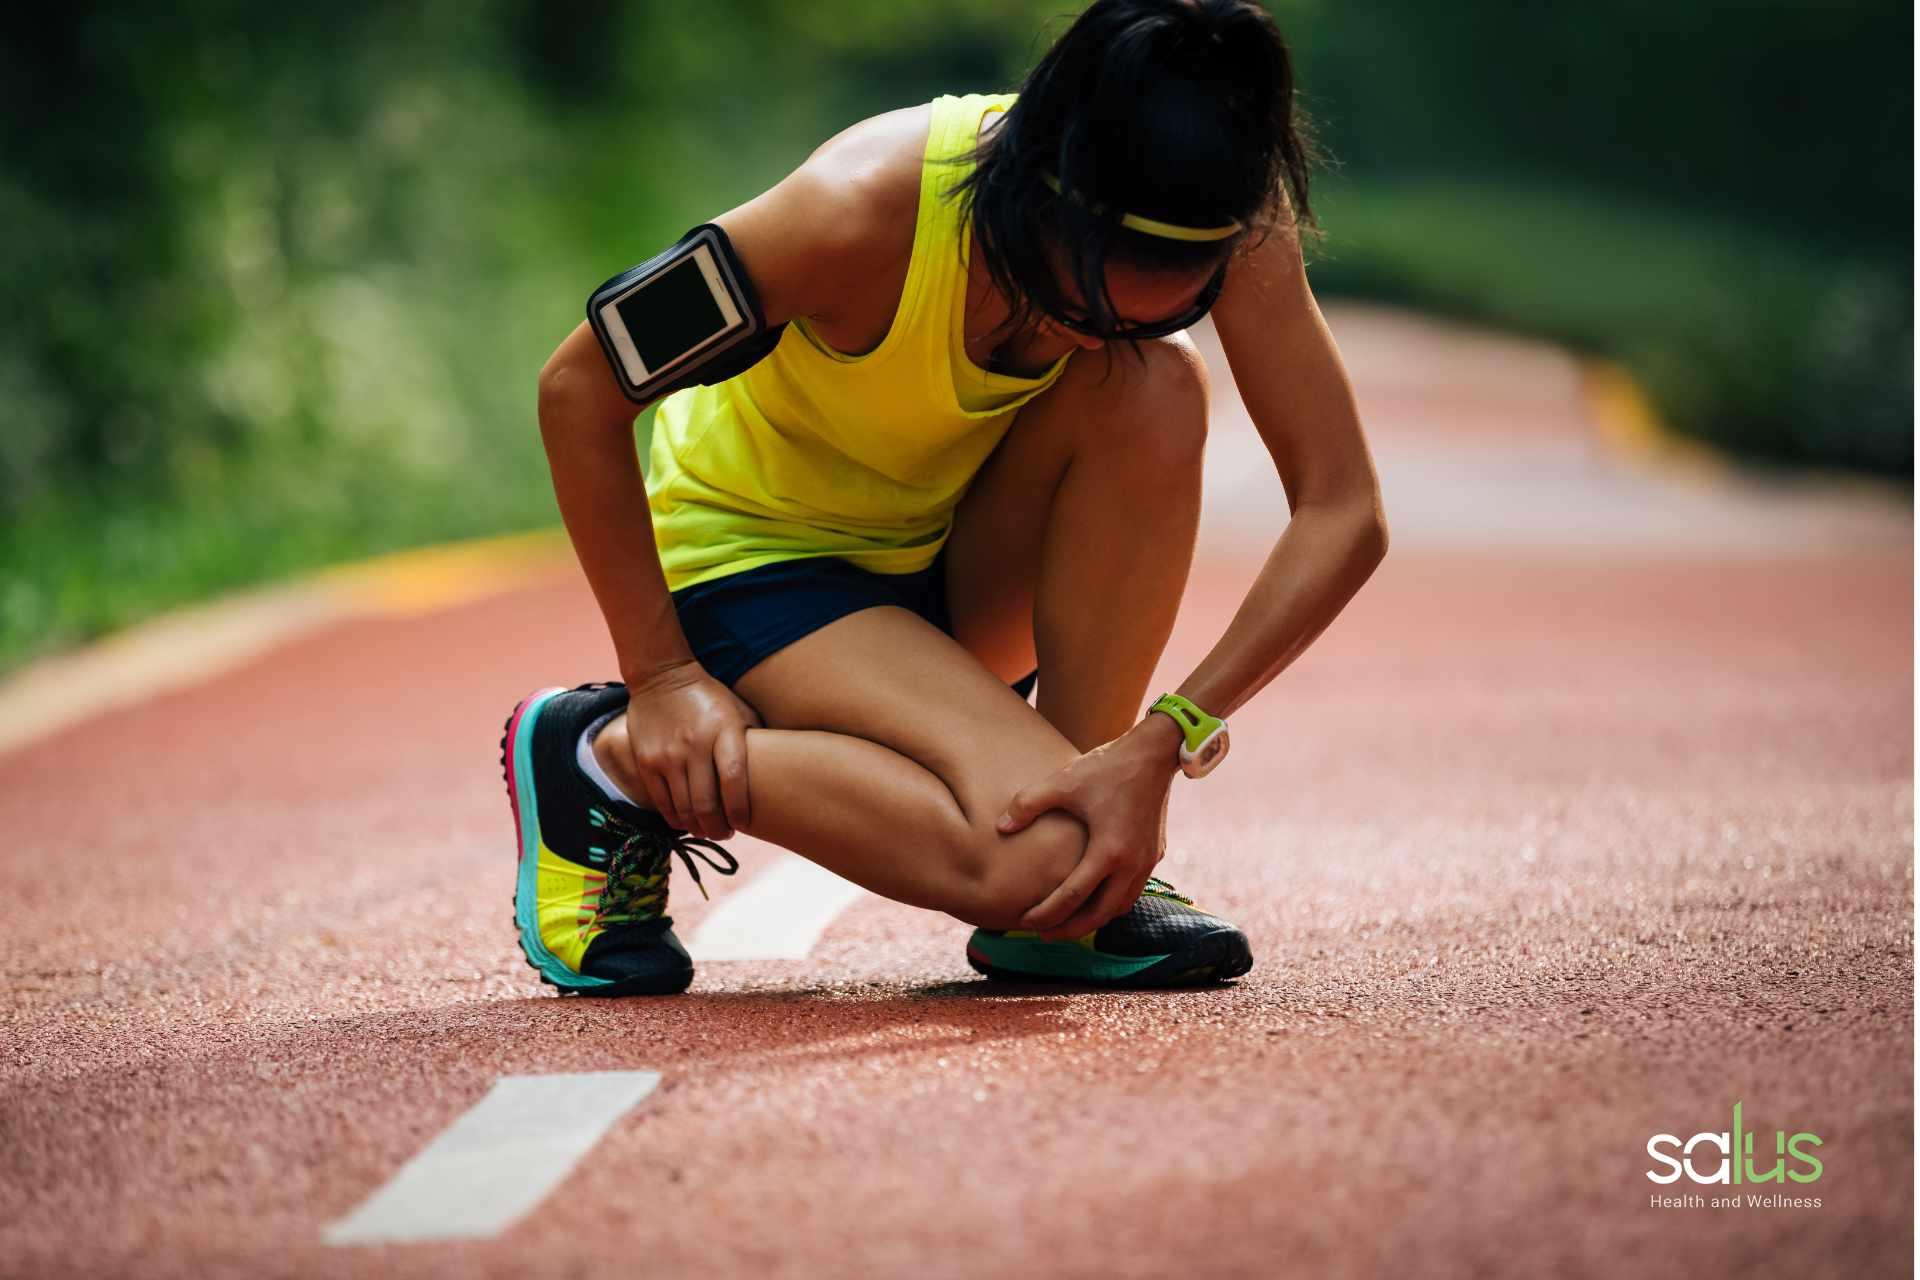 Salus Blog - Infortuni sportivi rimedi